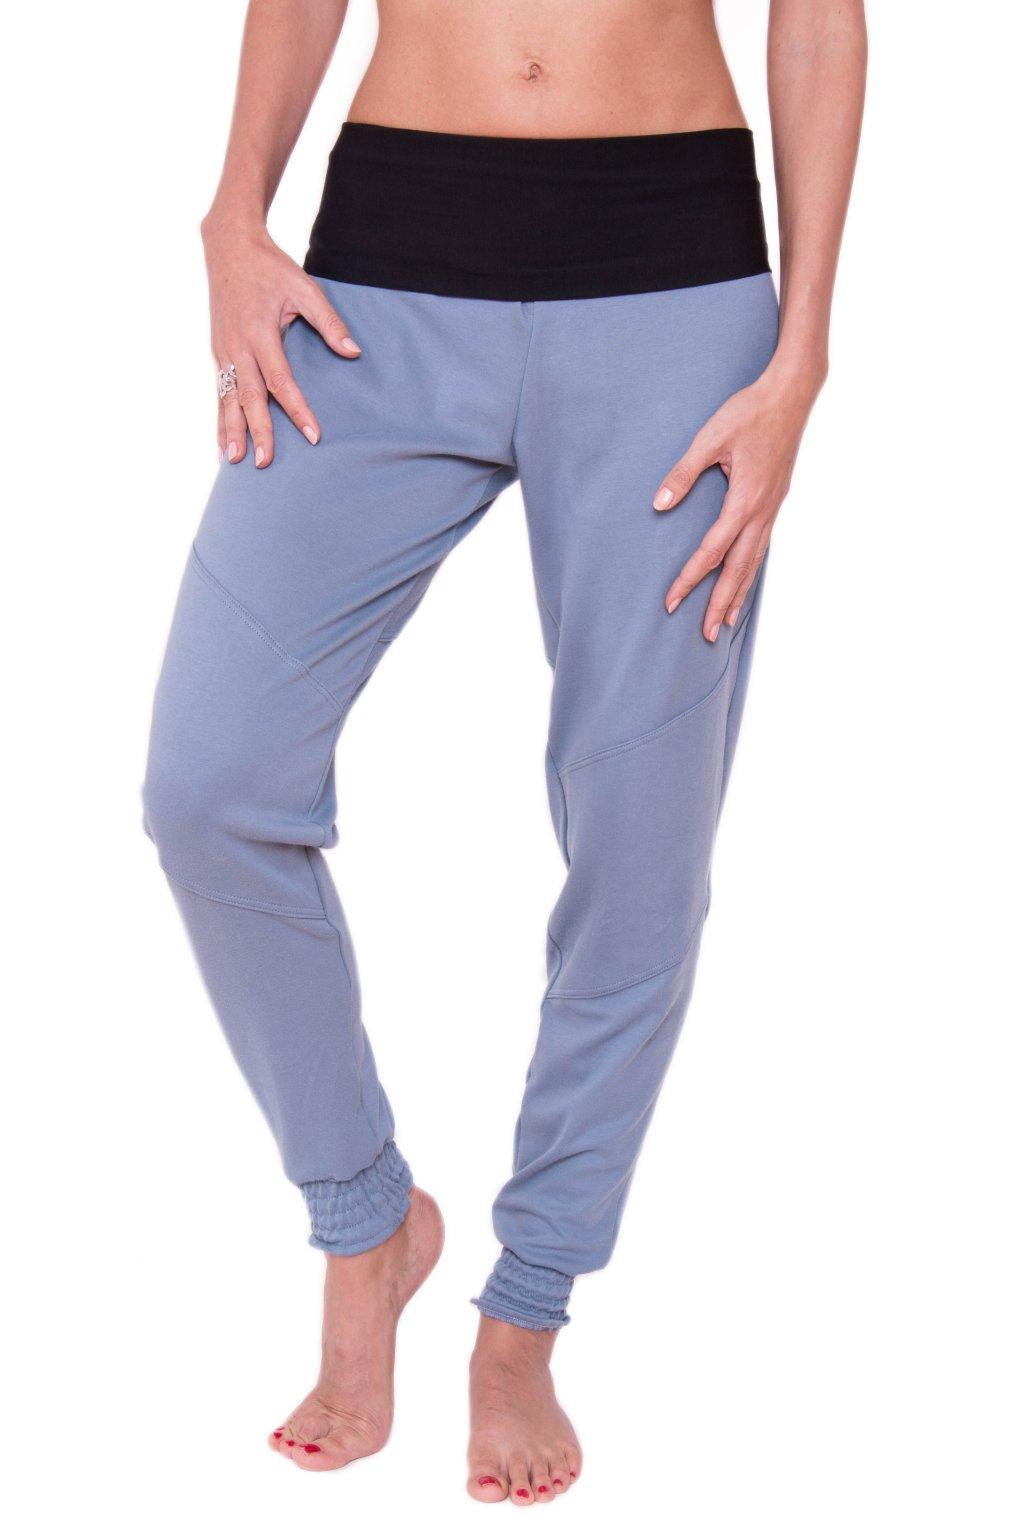 Pohodové kalhoty Bast / Šedomodrá s černou